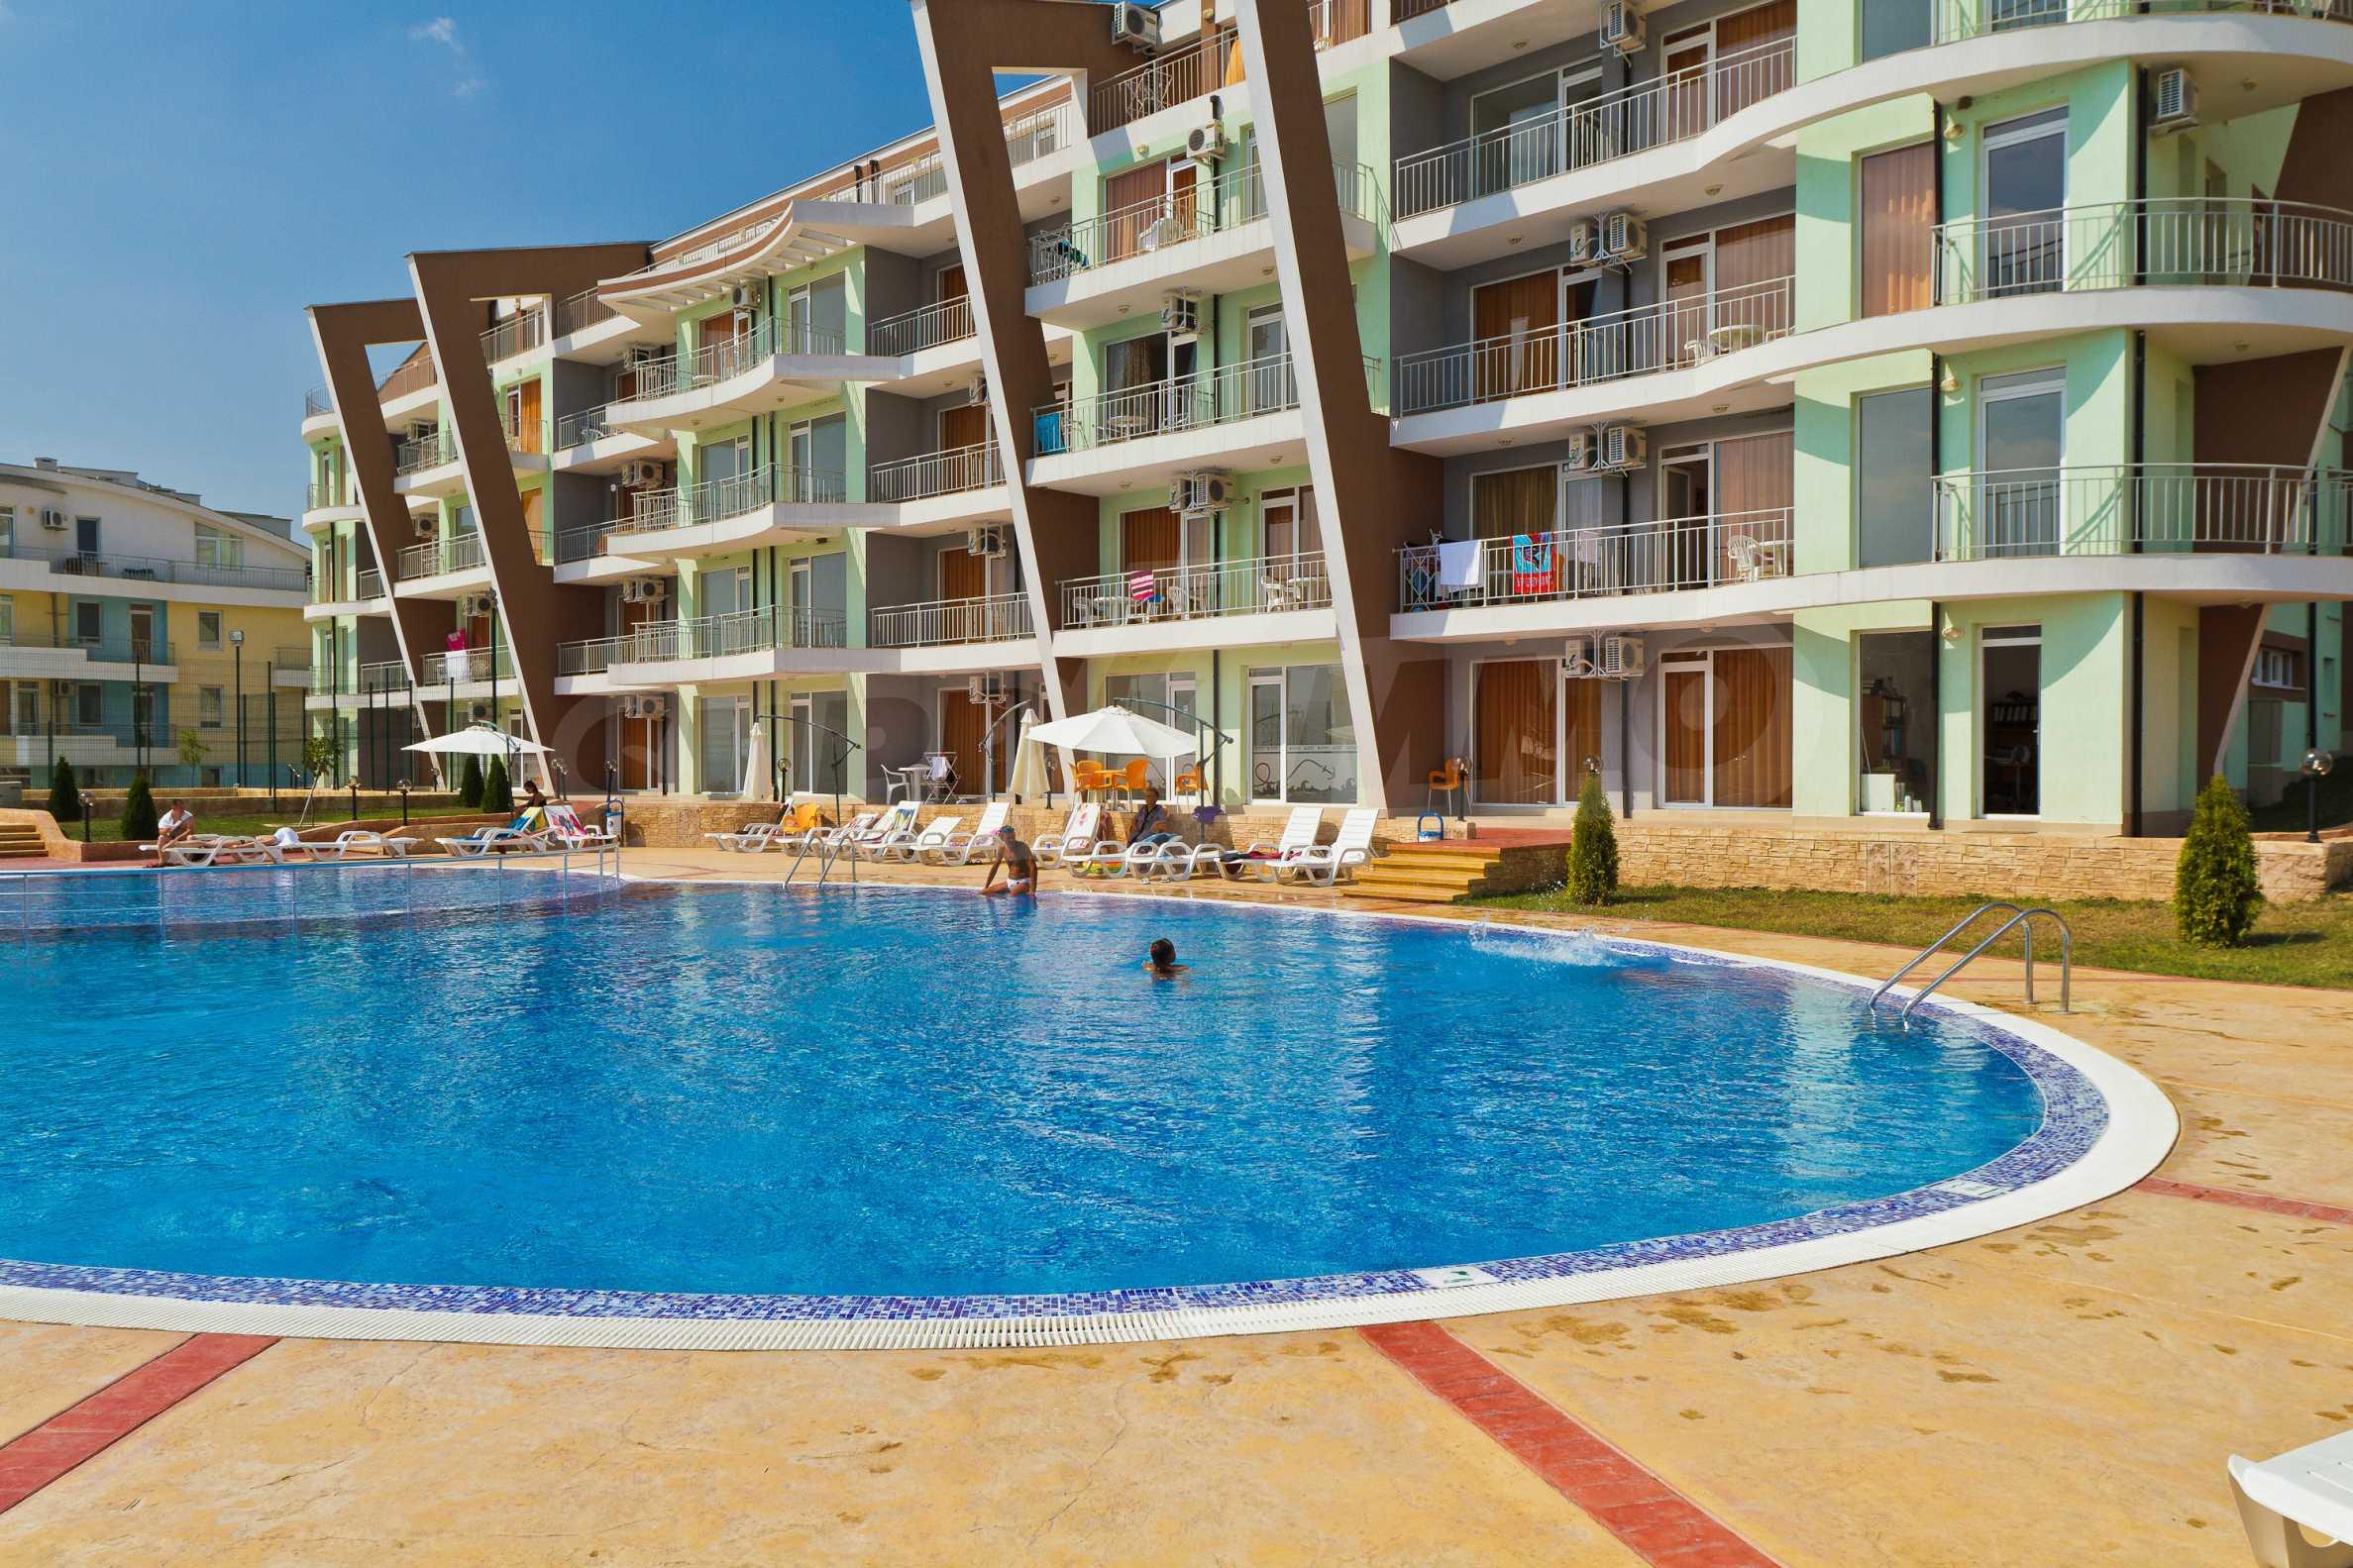 Sunset Kosharitsa - Apartments in einem attraktiven Berg- und Seekomplex, 5 Autominuten vom Sonnenstrand entfernt 10